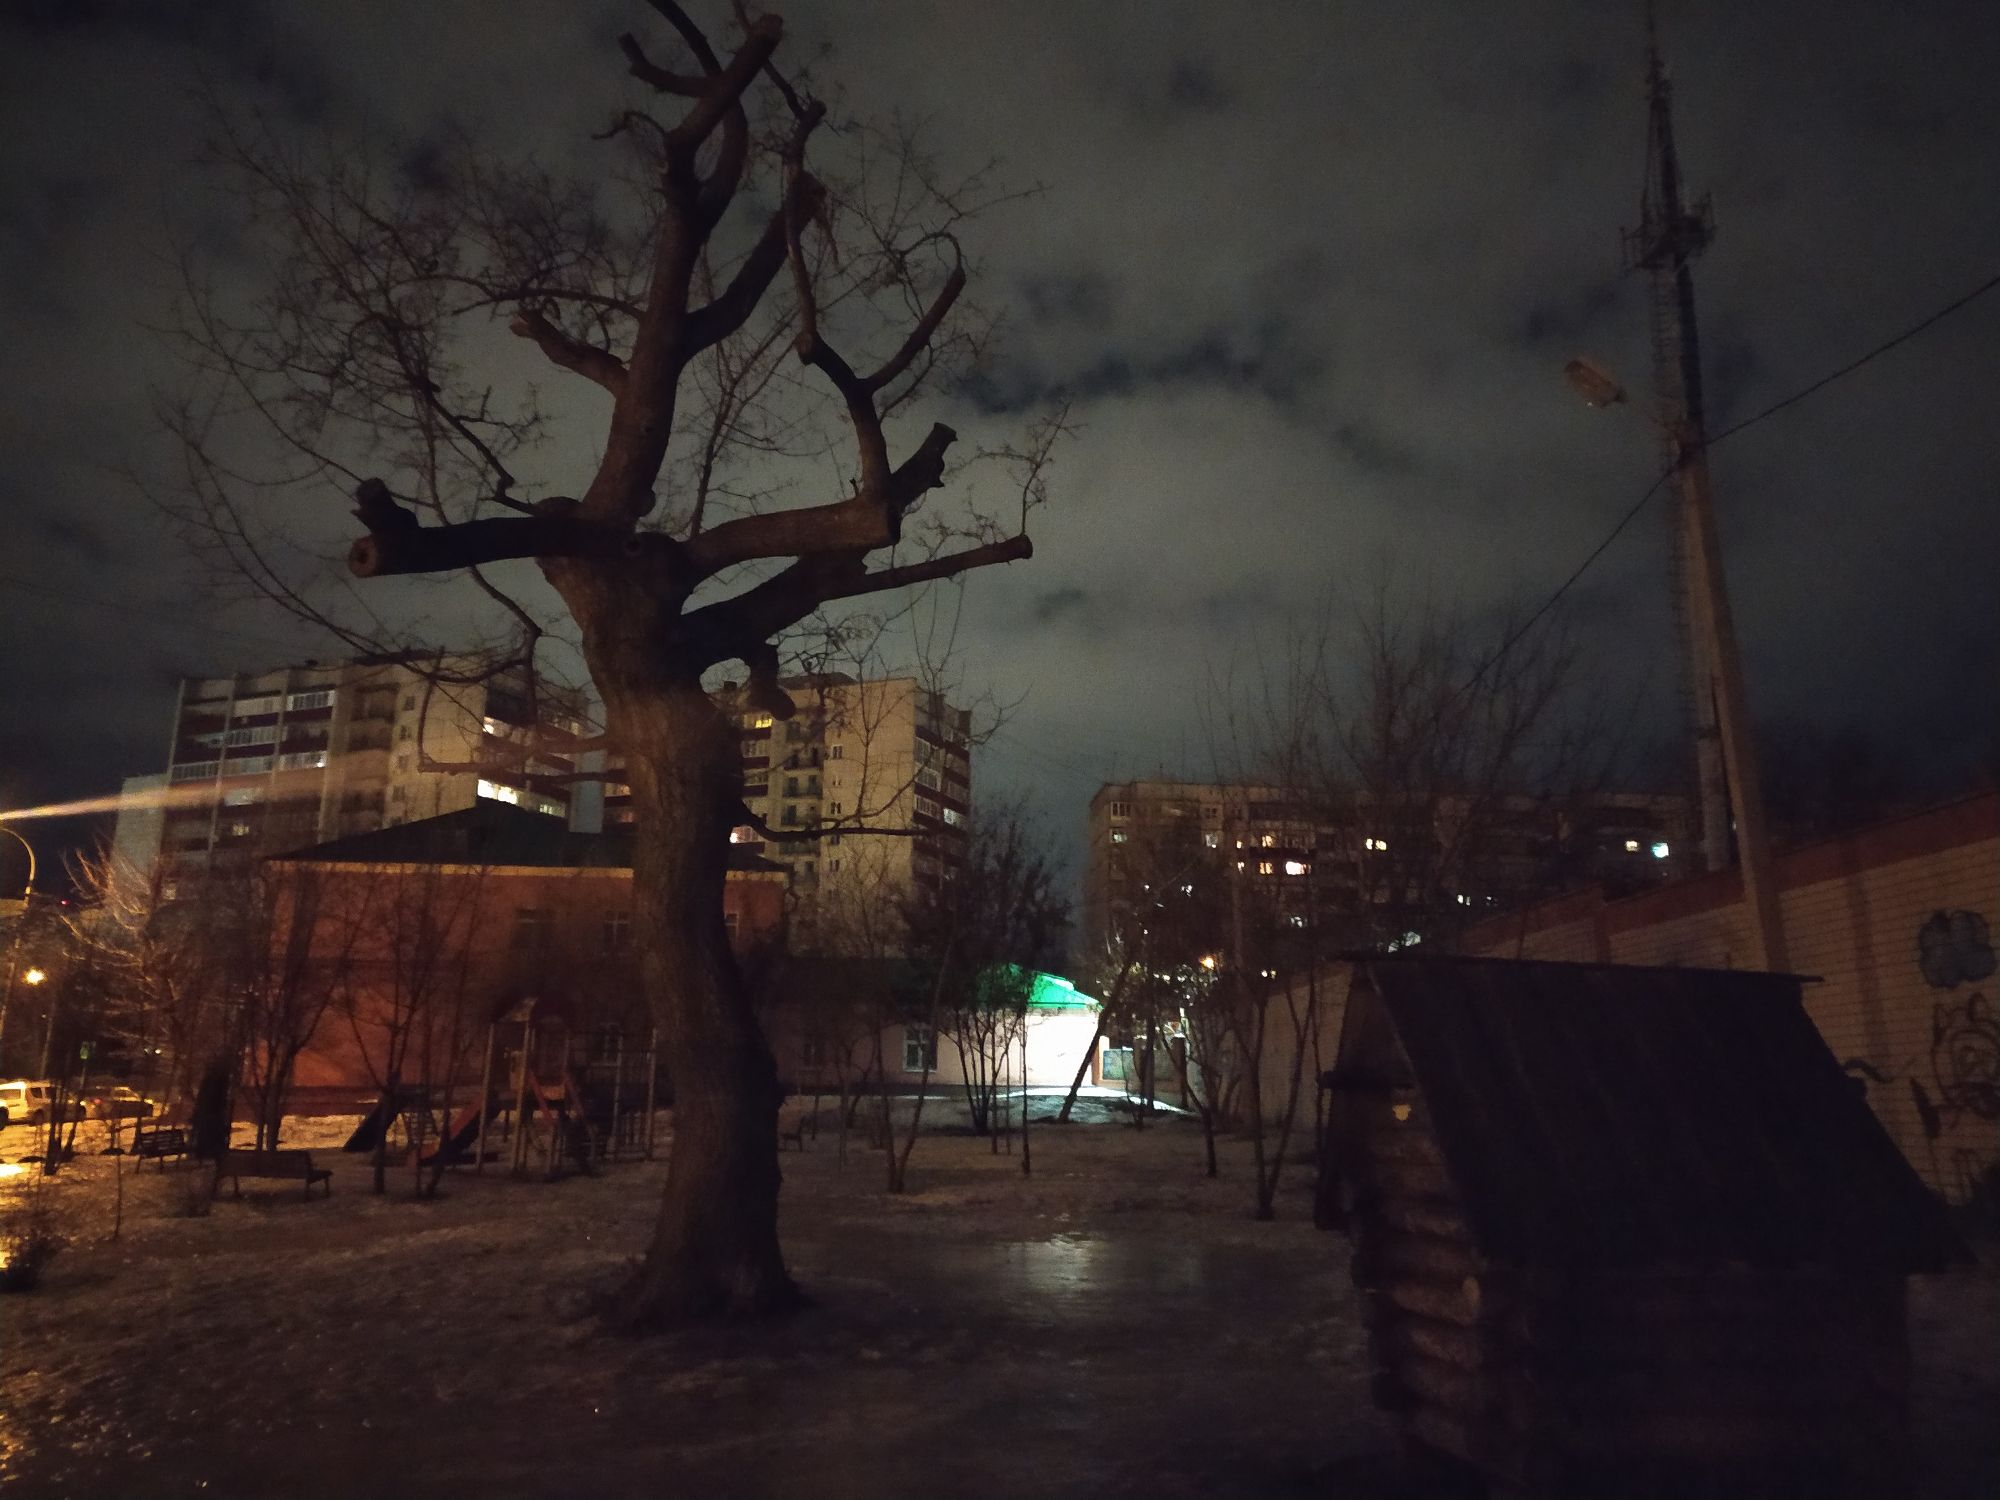 Прогулка по Липецку этой весной может обернуться трагедией!